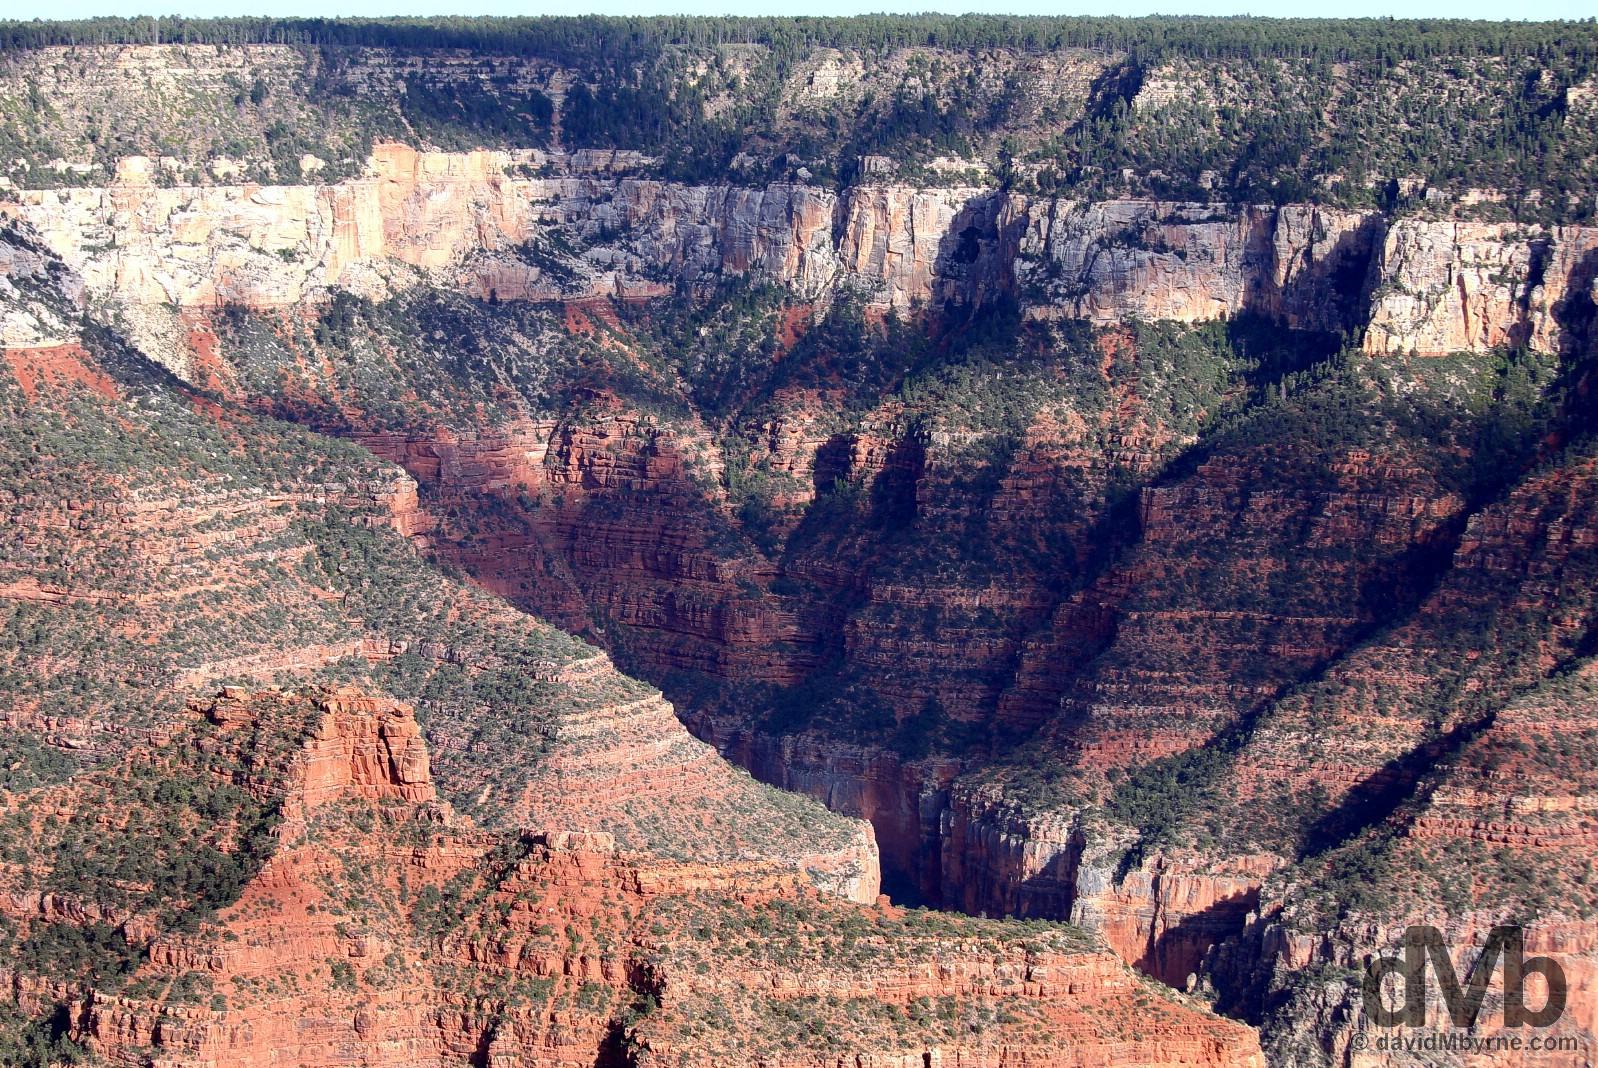 Roaring Springs Canyon, Grand Canyon National Park North Rim, Arizona, USA. September 9, 2016.